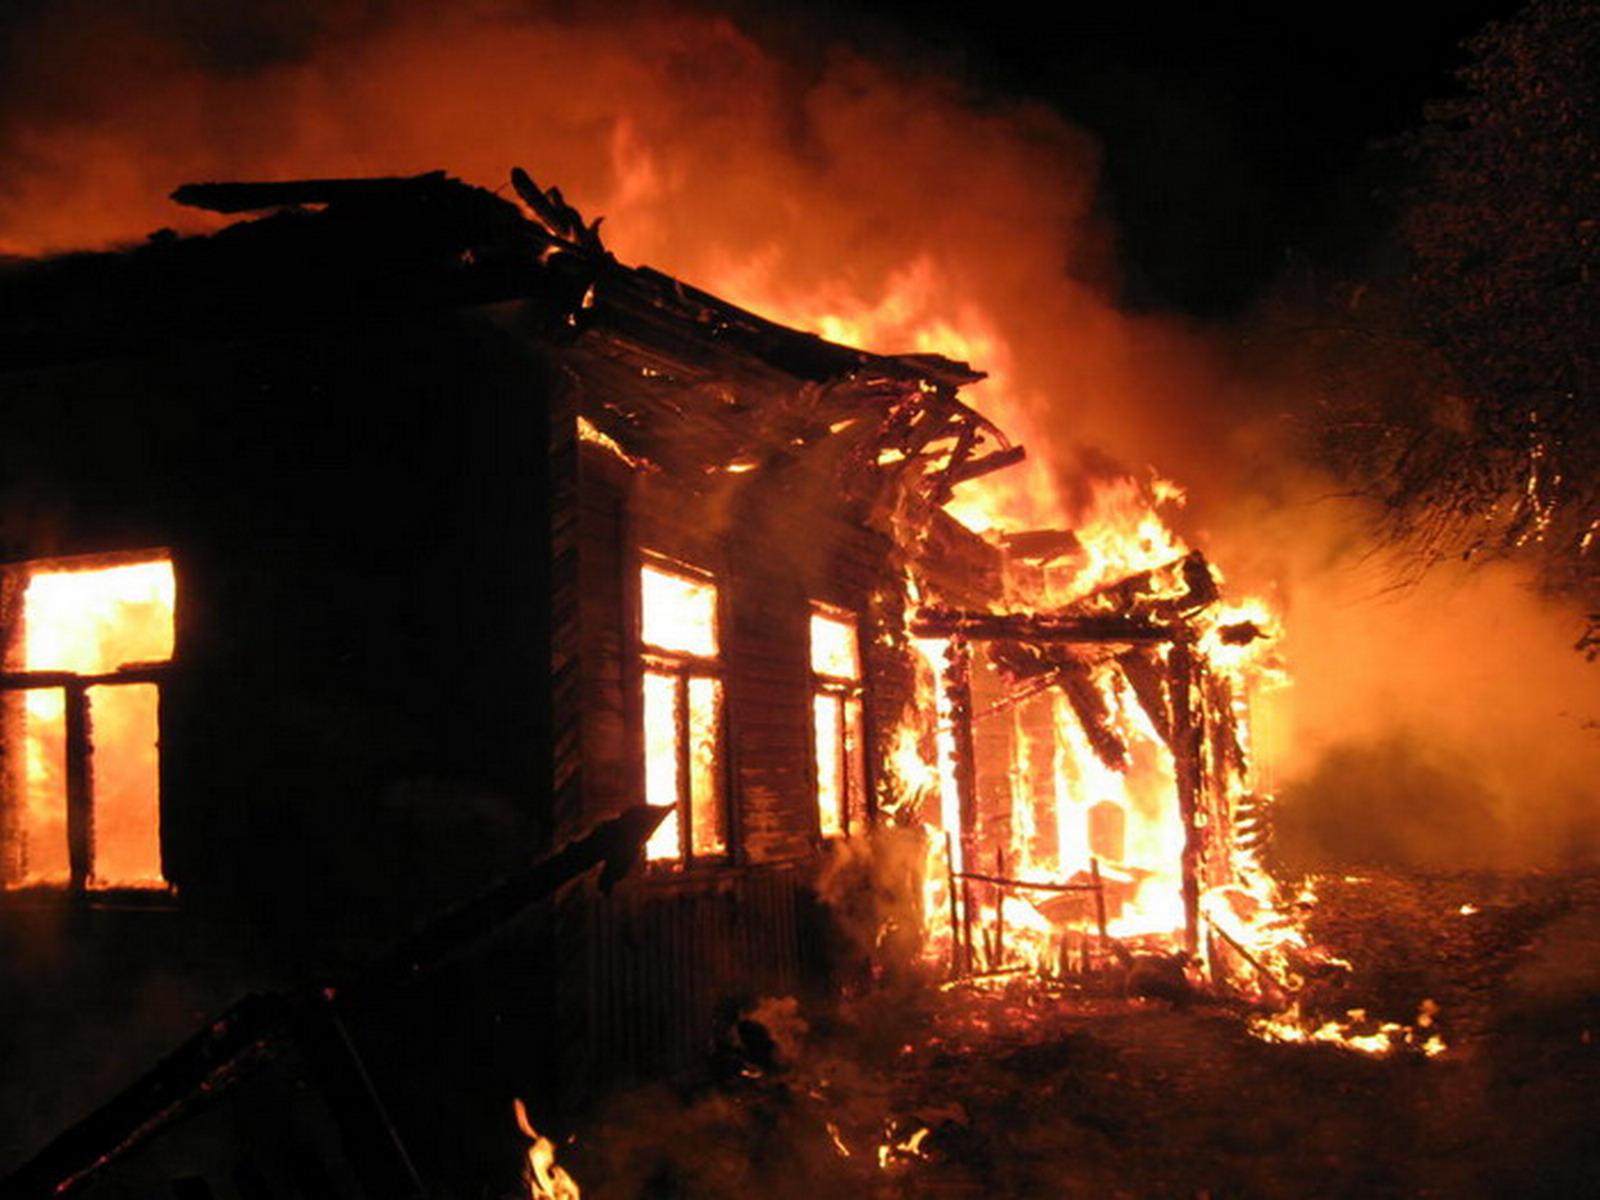 ВРостовской области произошел пожар, умер ребенок